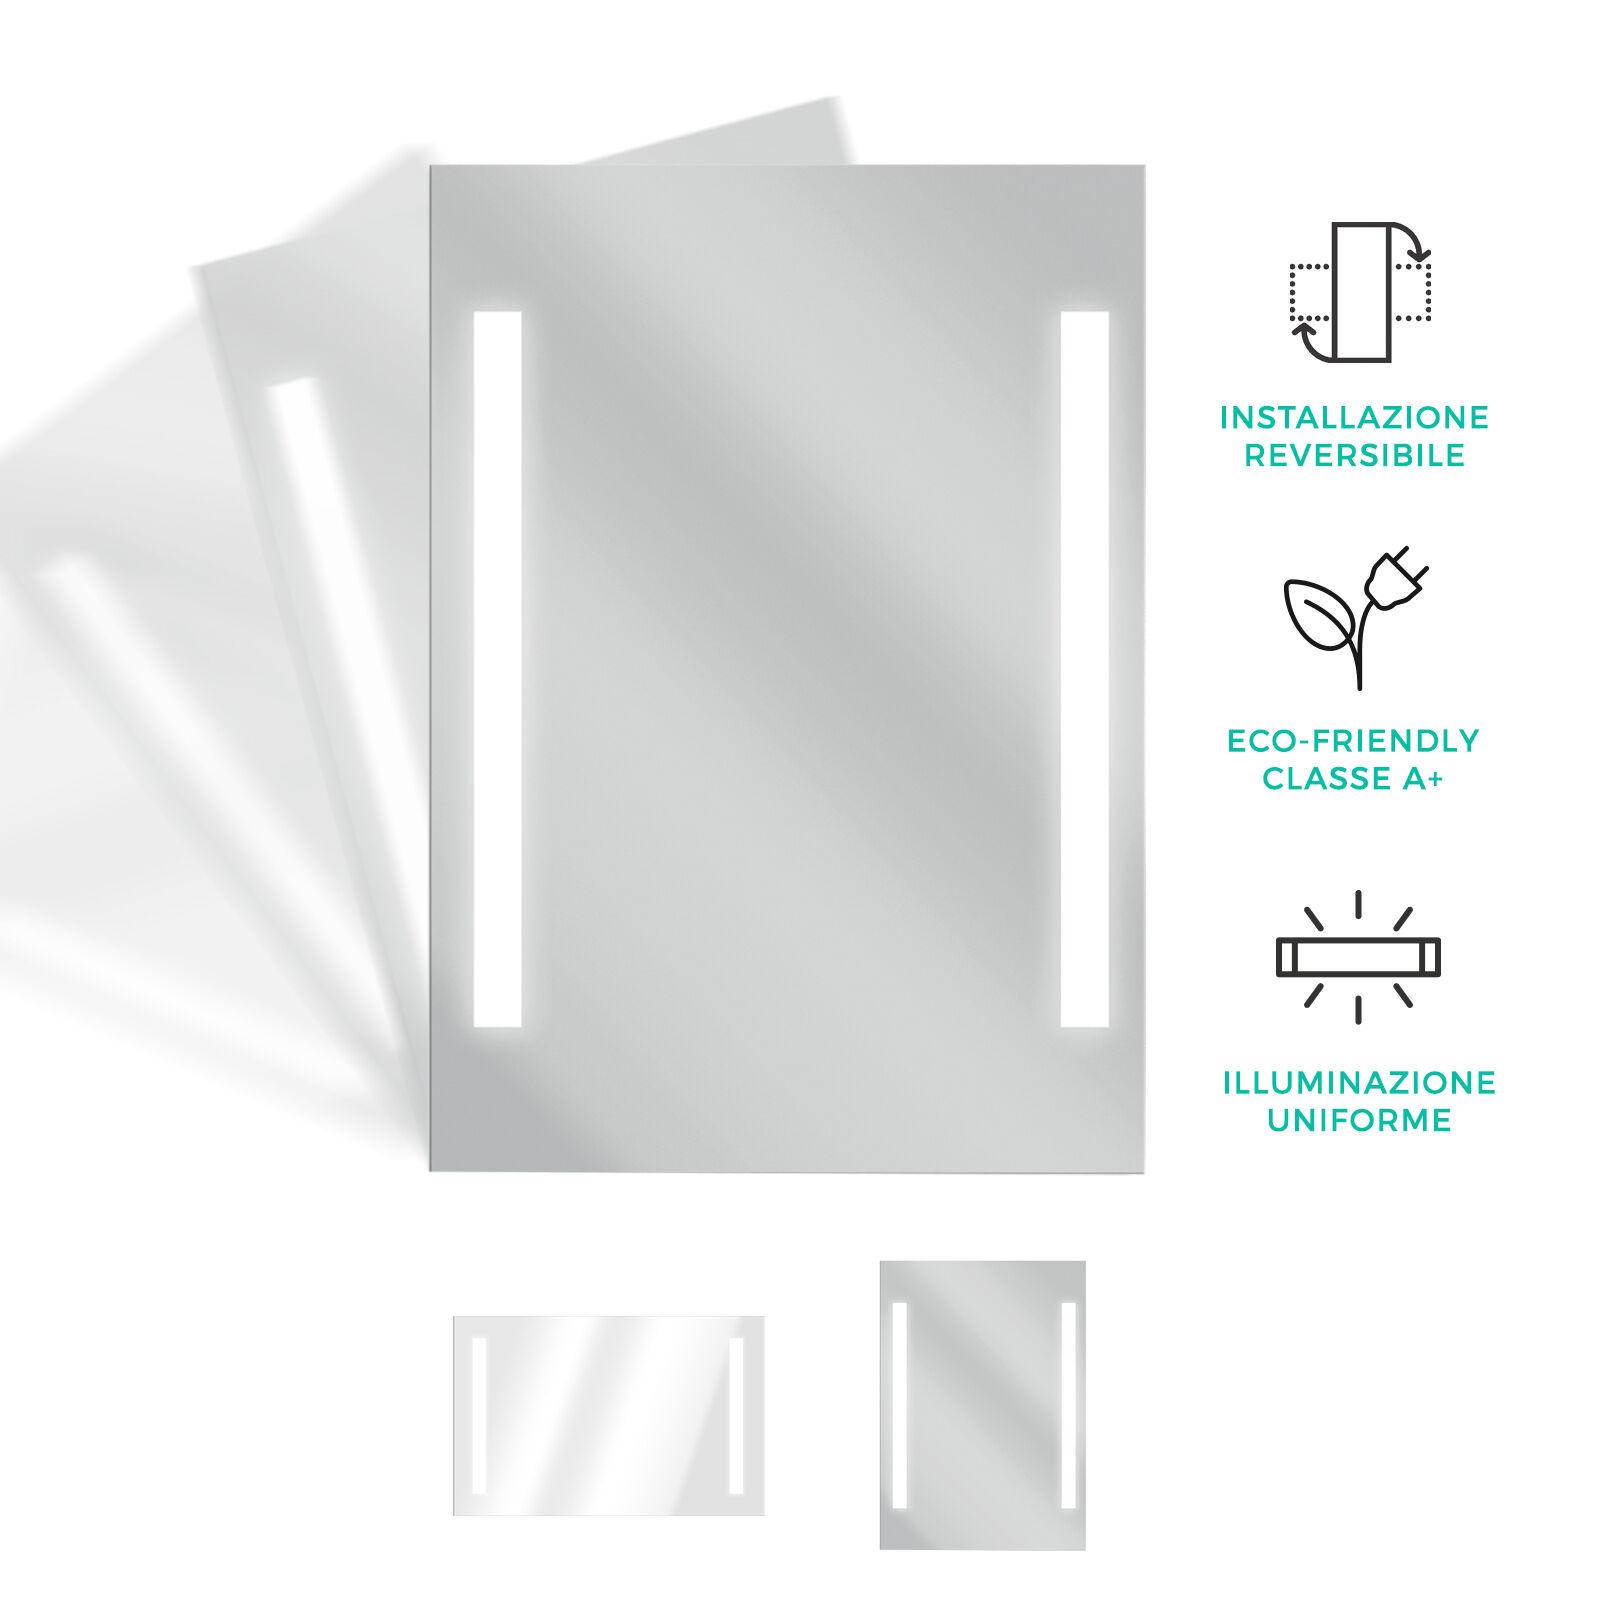 DEGHI Specchio LED arredo bagno design moderno specchiera reversibile